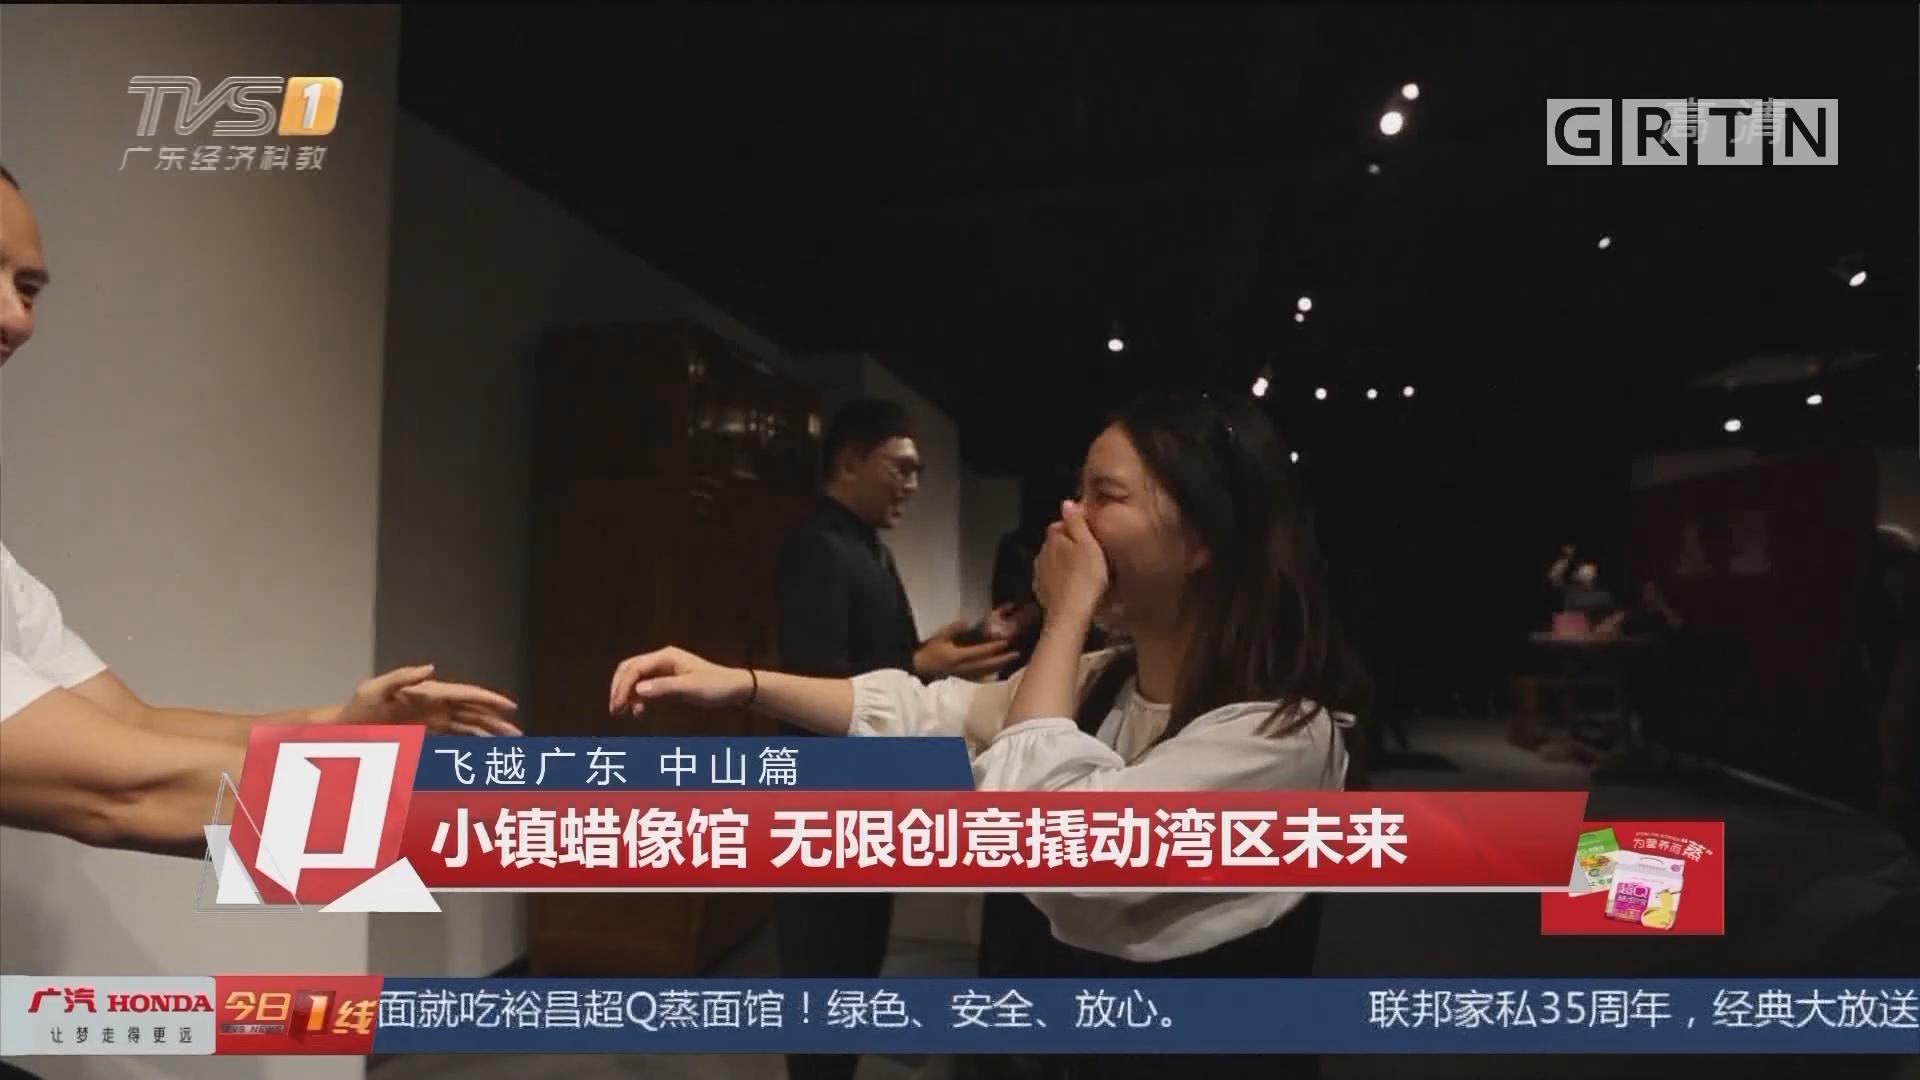 飞越广东 中山篇 小镇蜡像馆 无限创意撬动湾区未来